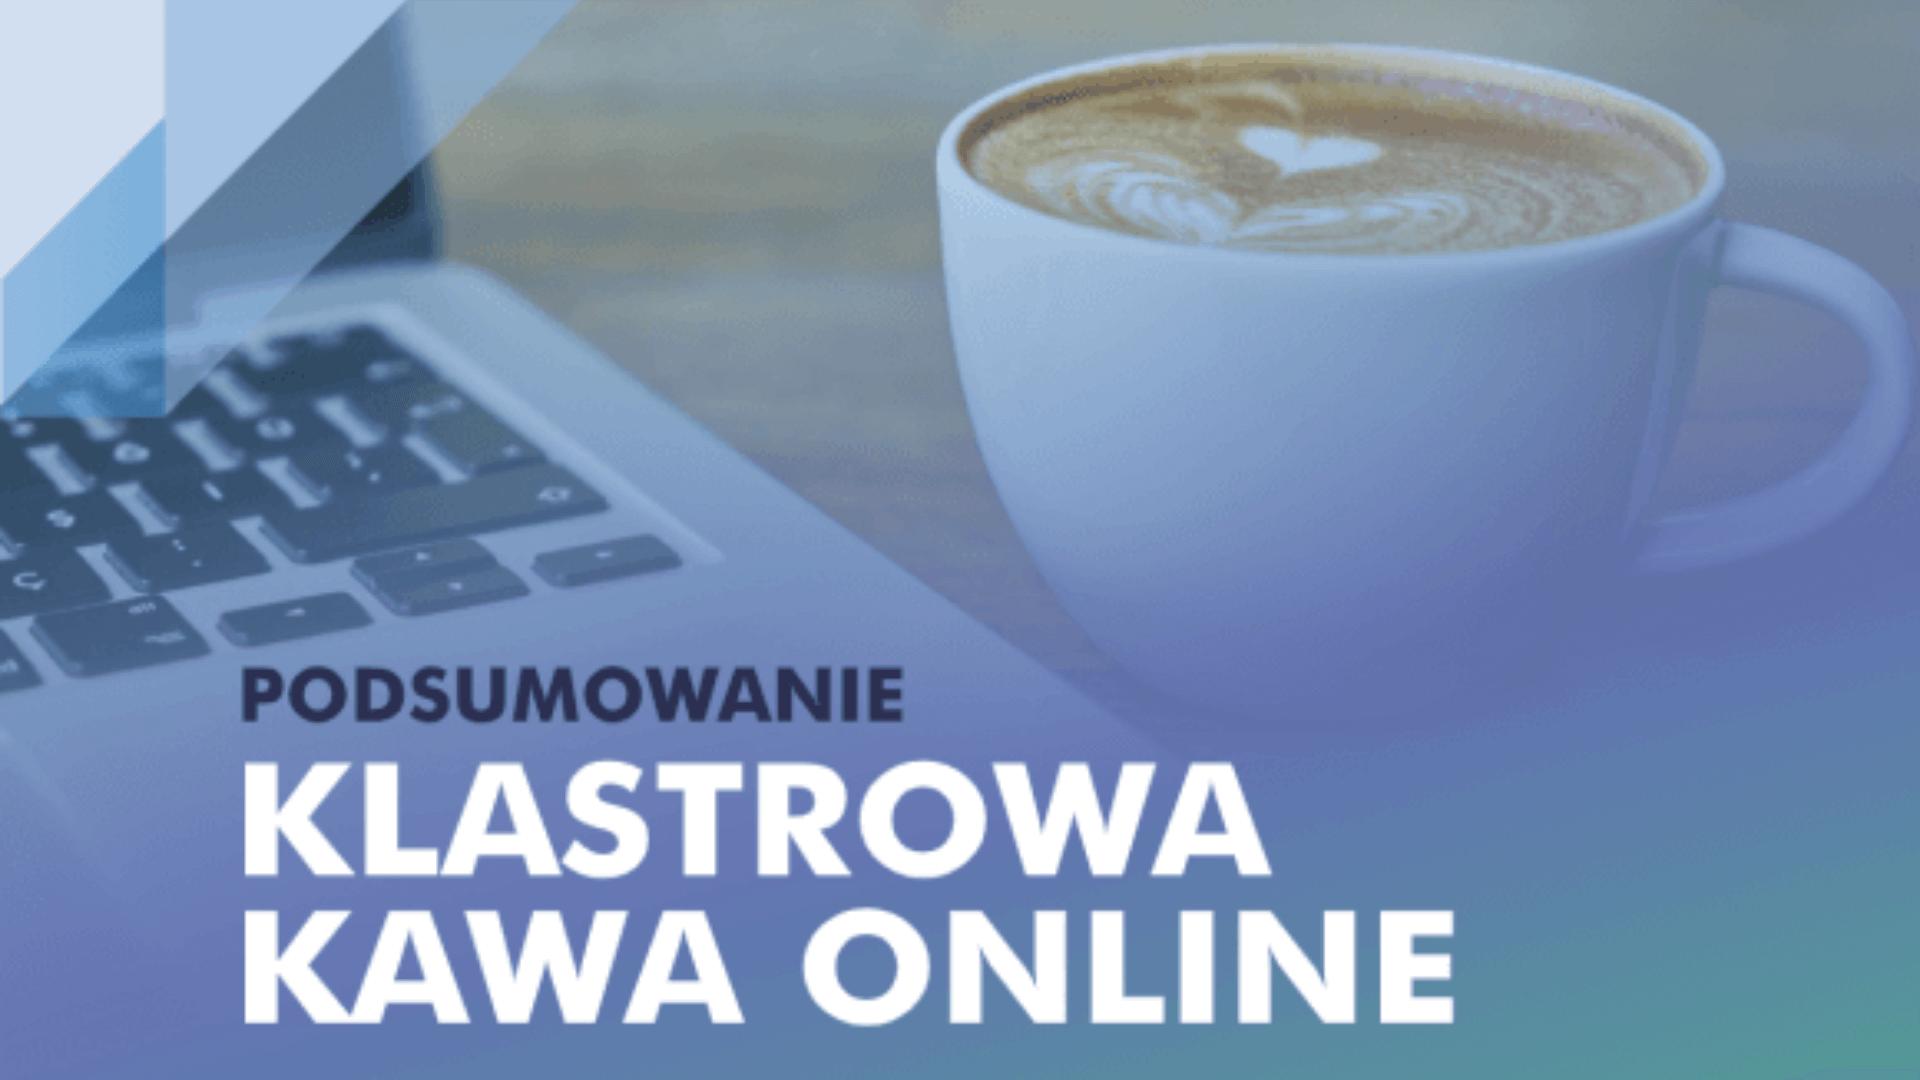 Klastrowa Kawa Online